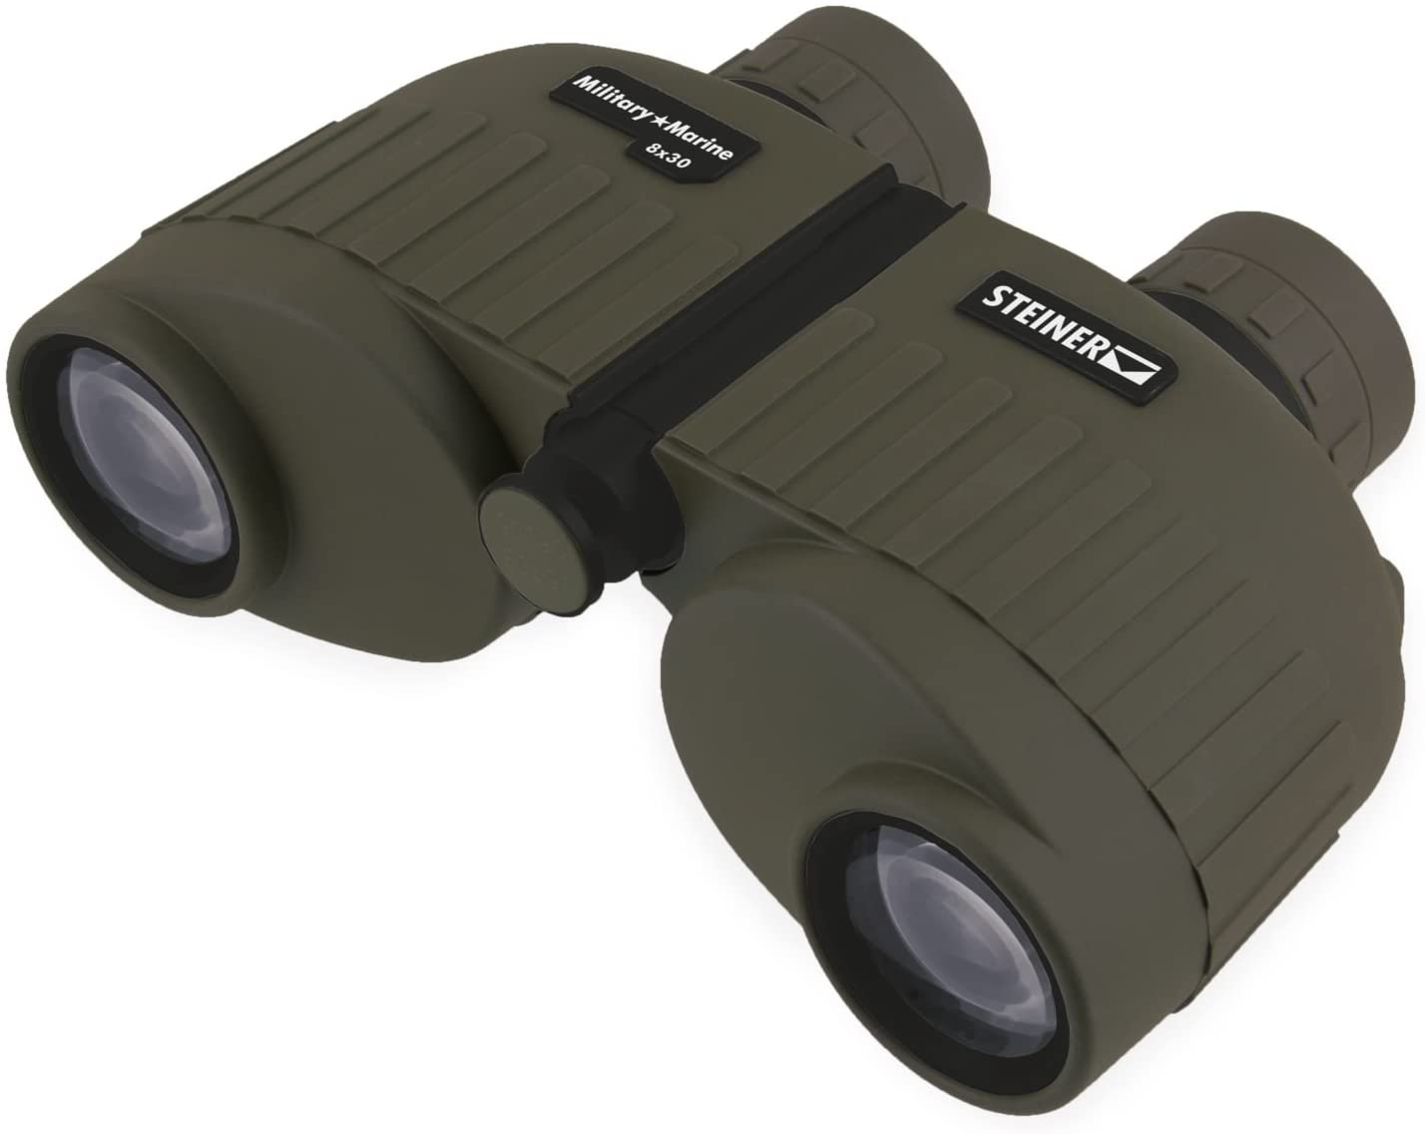 Best Tactical Binoculars for Outdoor Activities 1